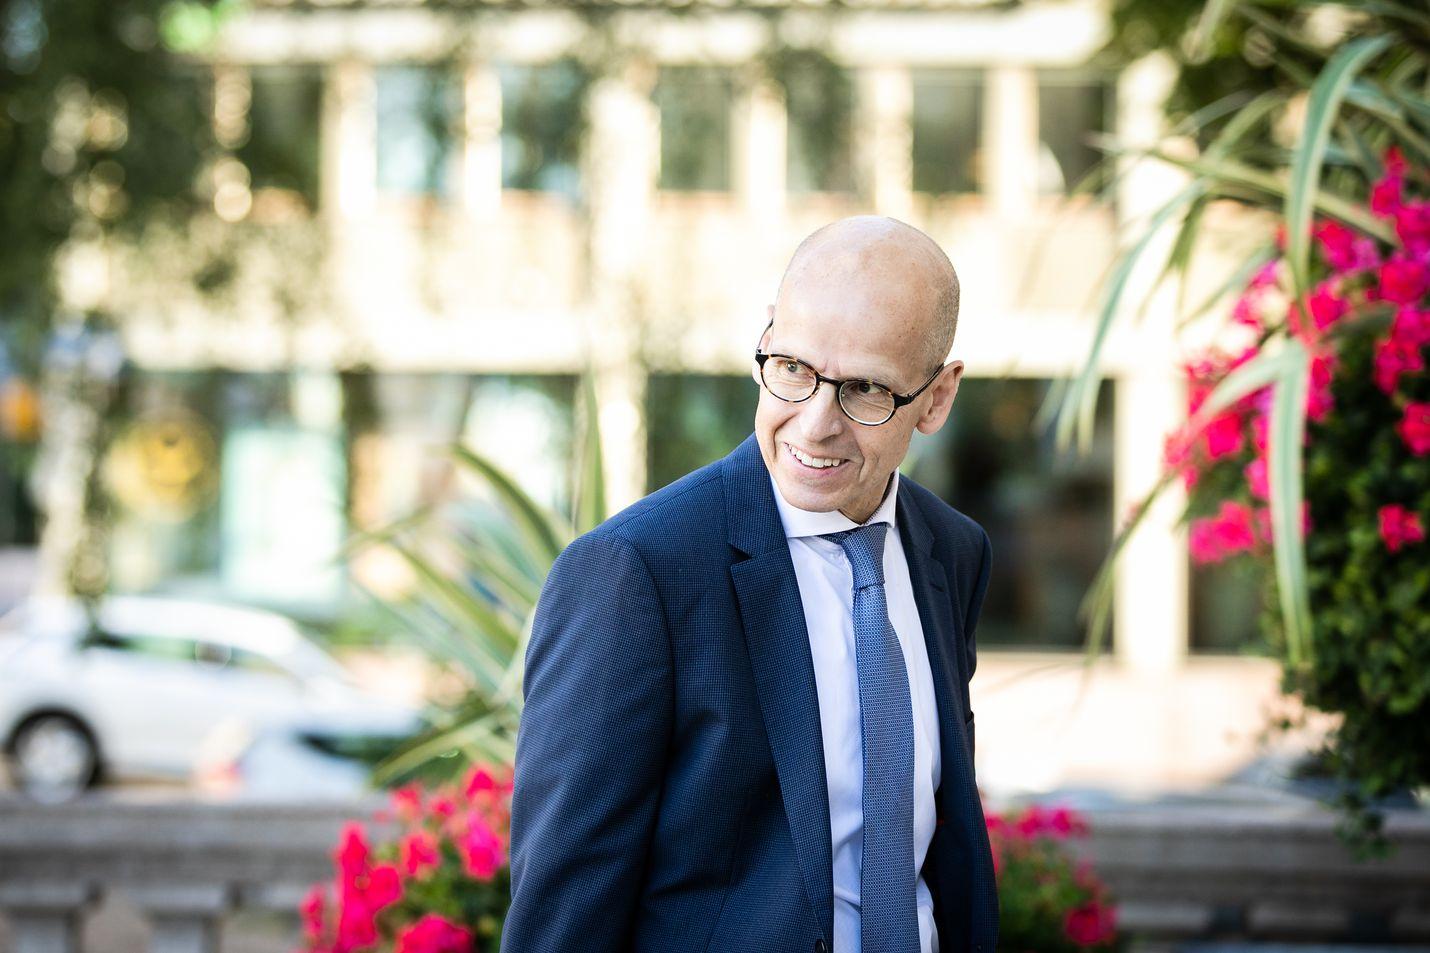 Kansliapäällikkö Martti Hetemäki jättää valtiovarainministeriön kansliapäällikön tehtävät syyskuun 30. päivä.